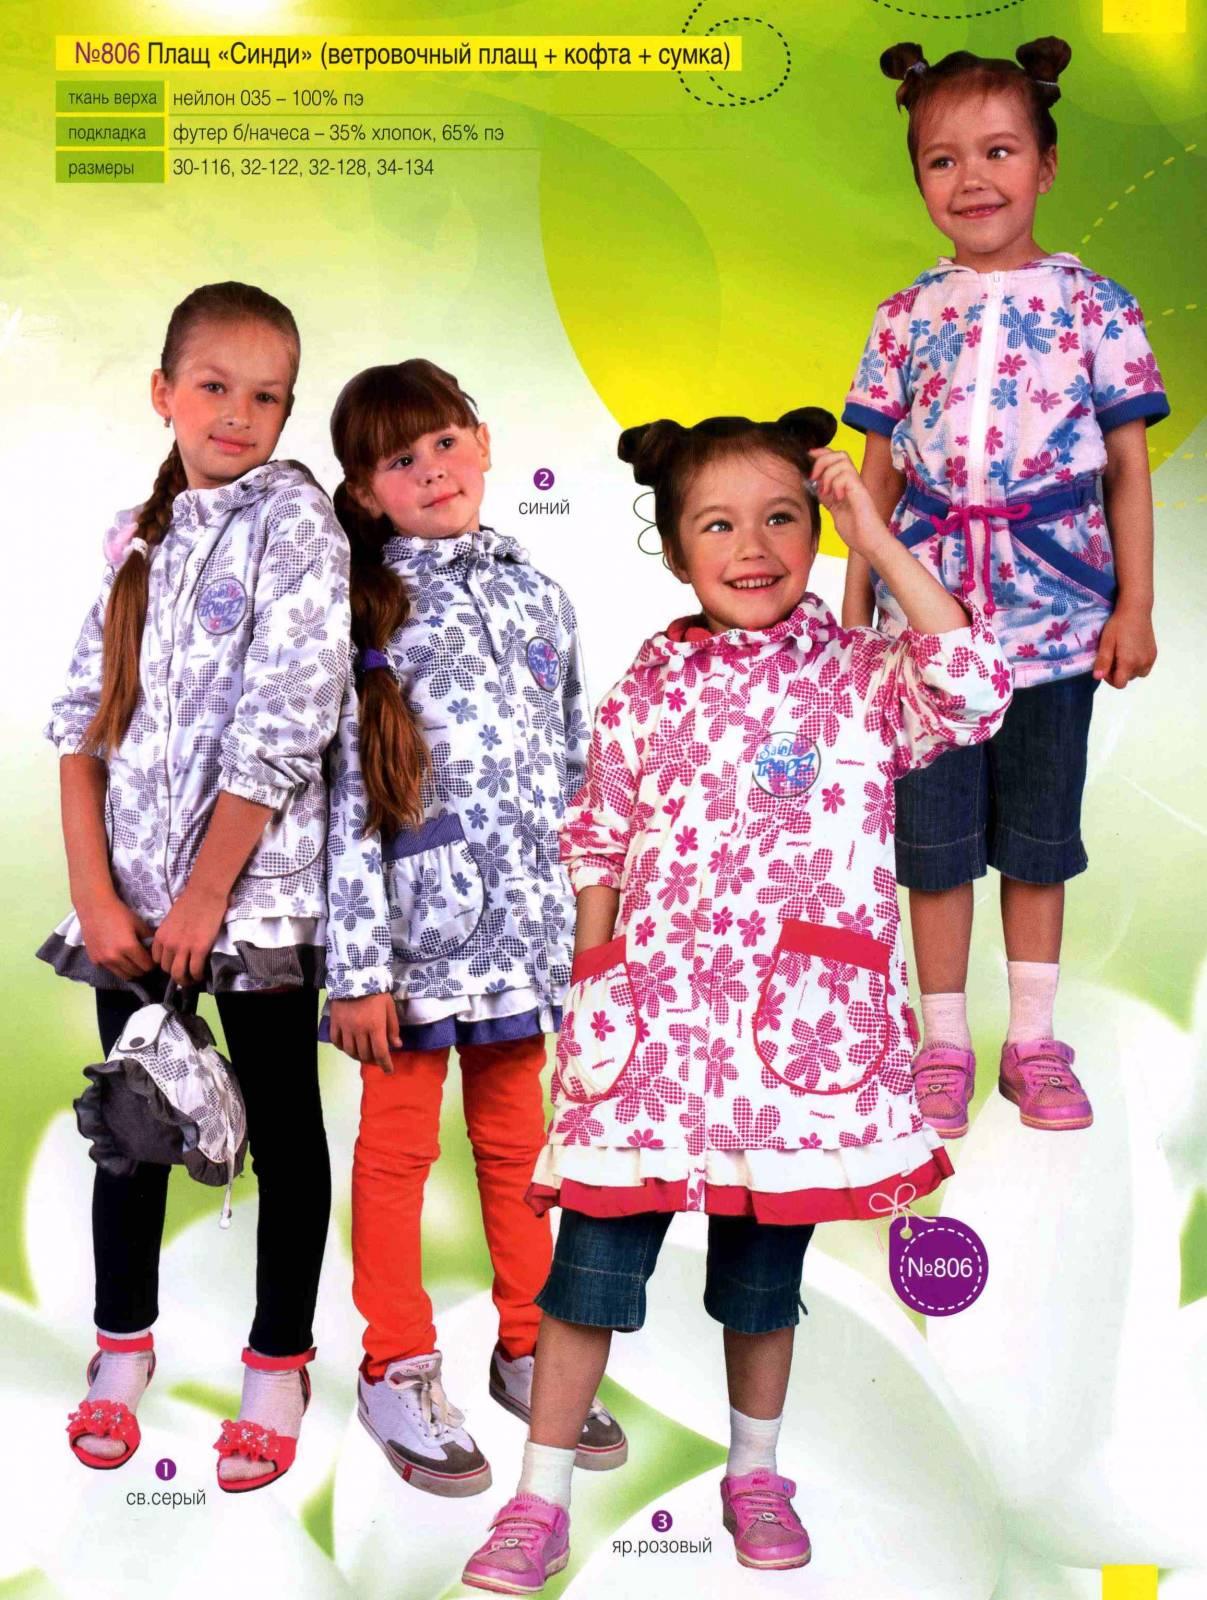 Батик Интернет Магазин Детской Одежды Официальный Сайт